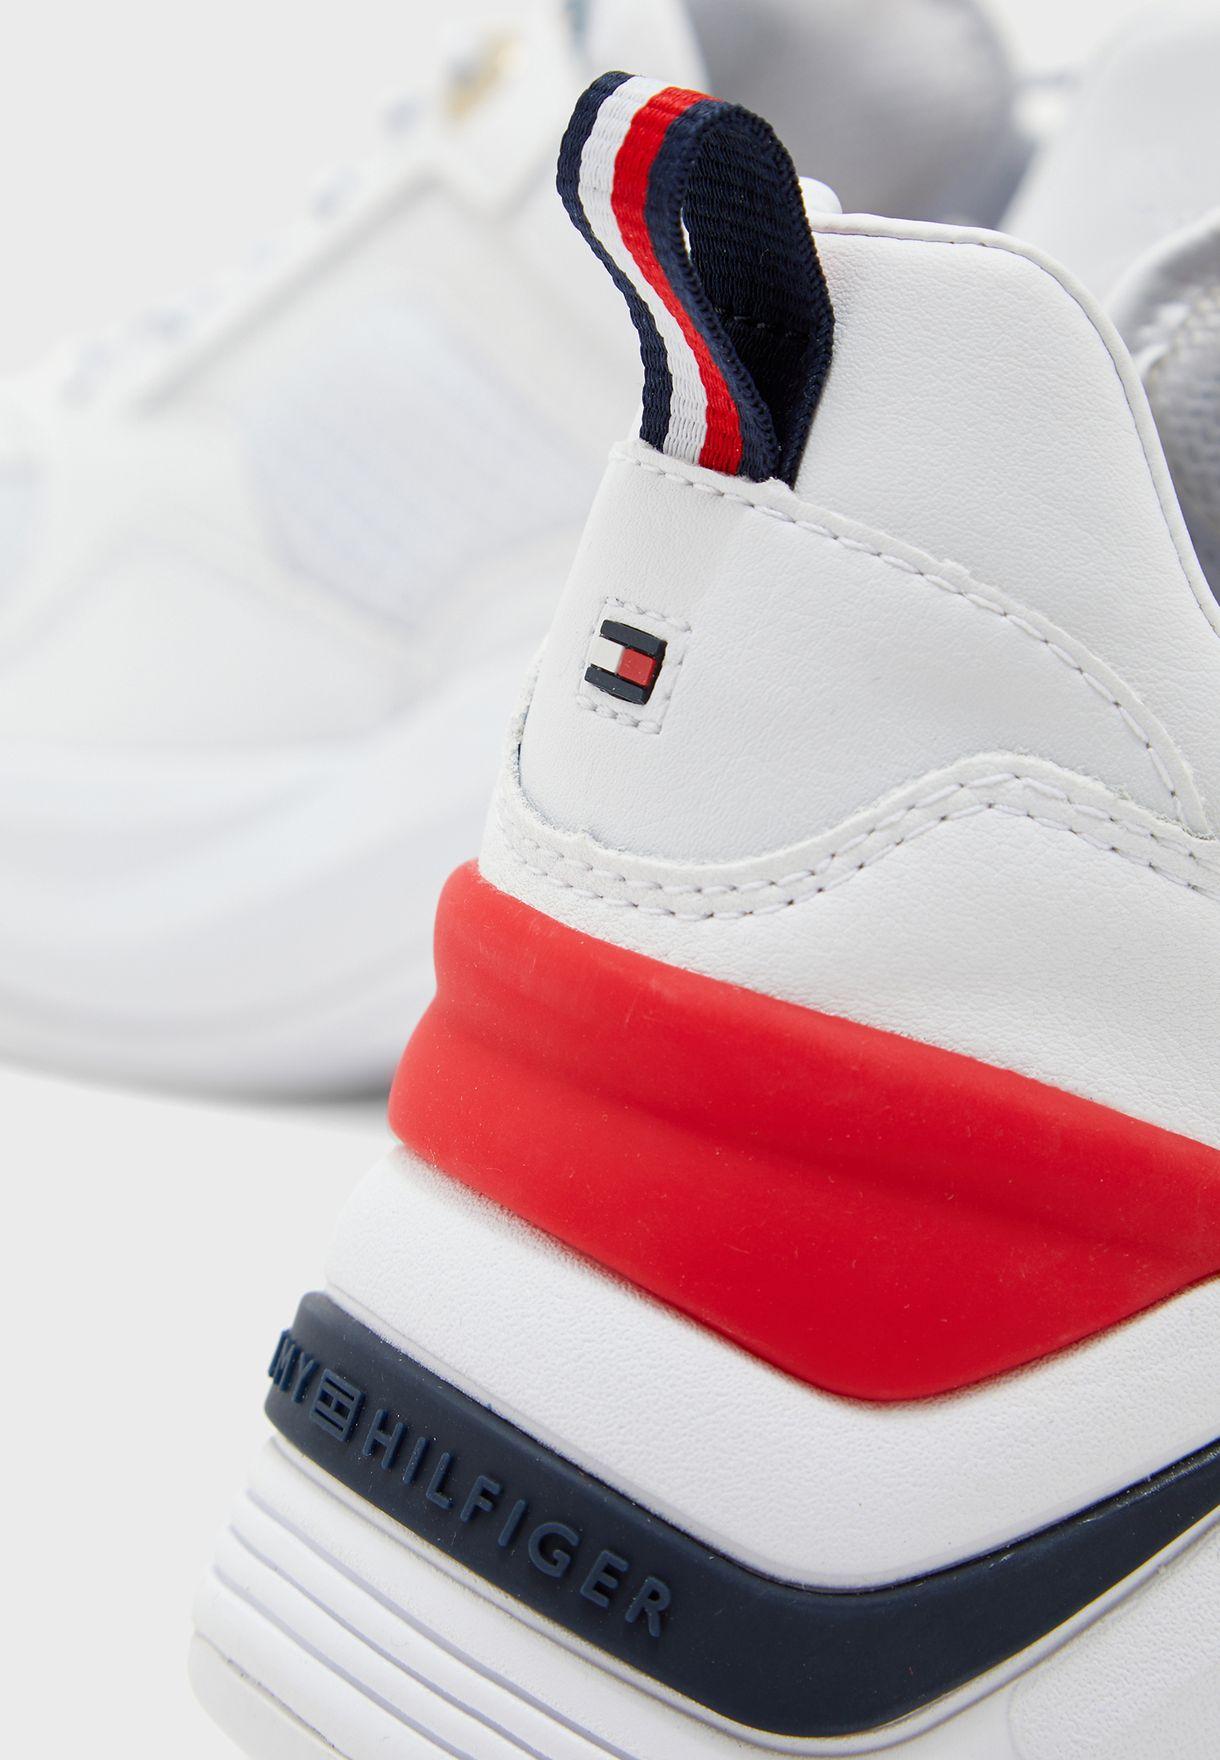 Internal Wedge Sporty Sneaker - YBS